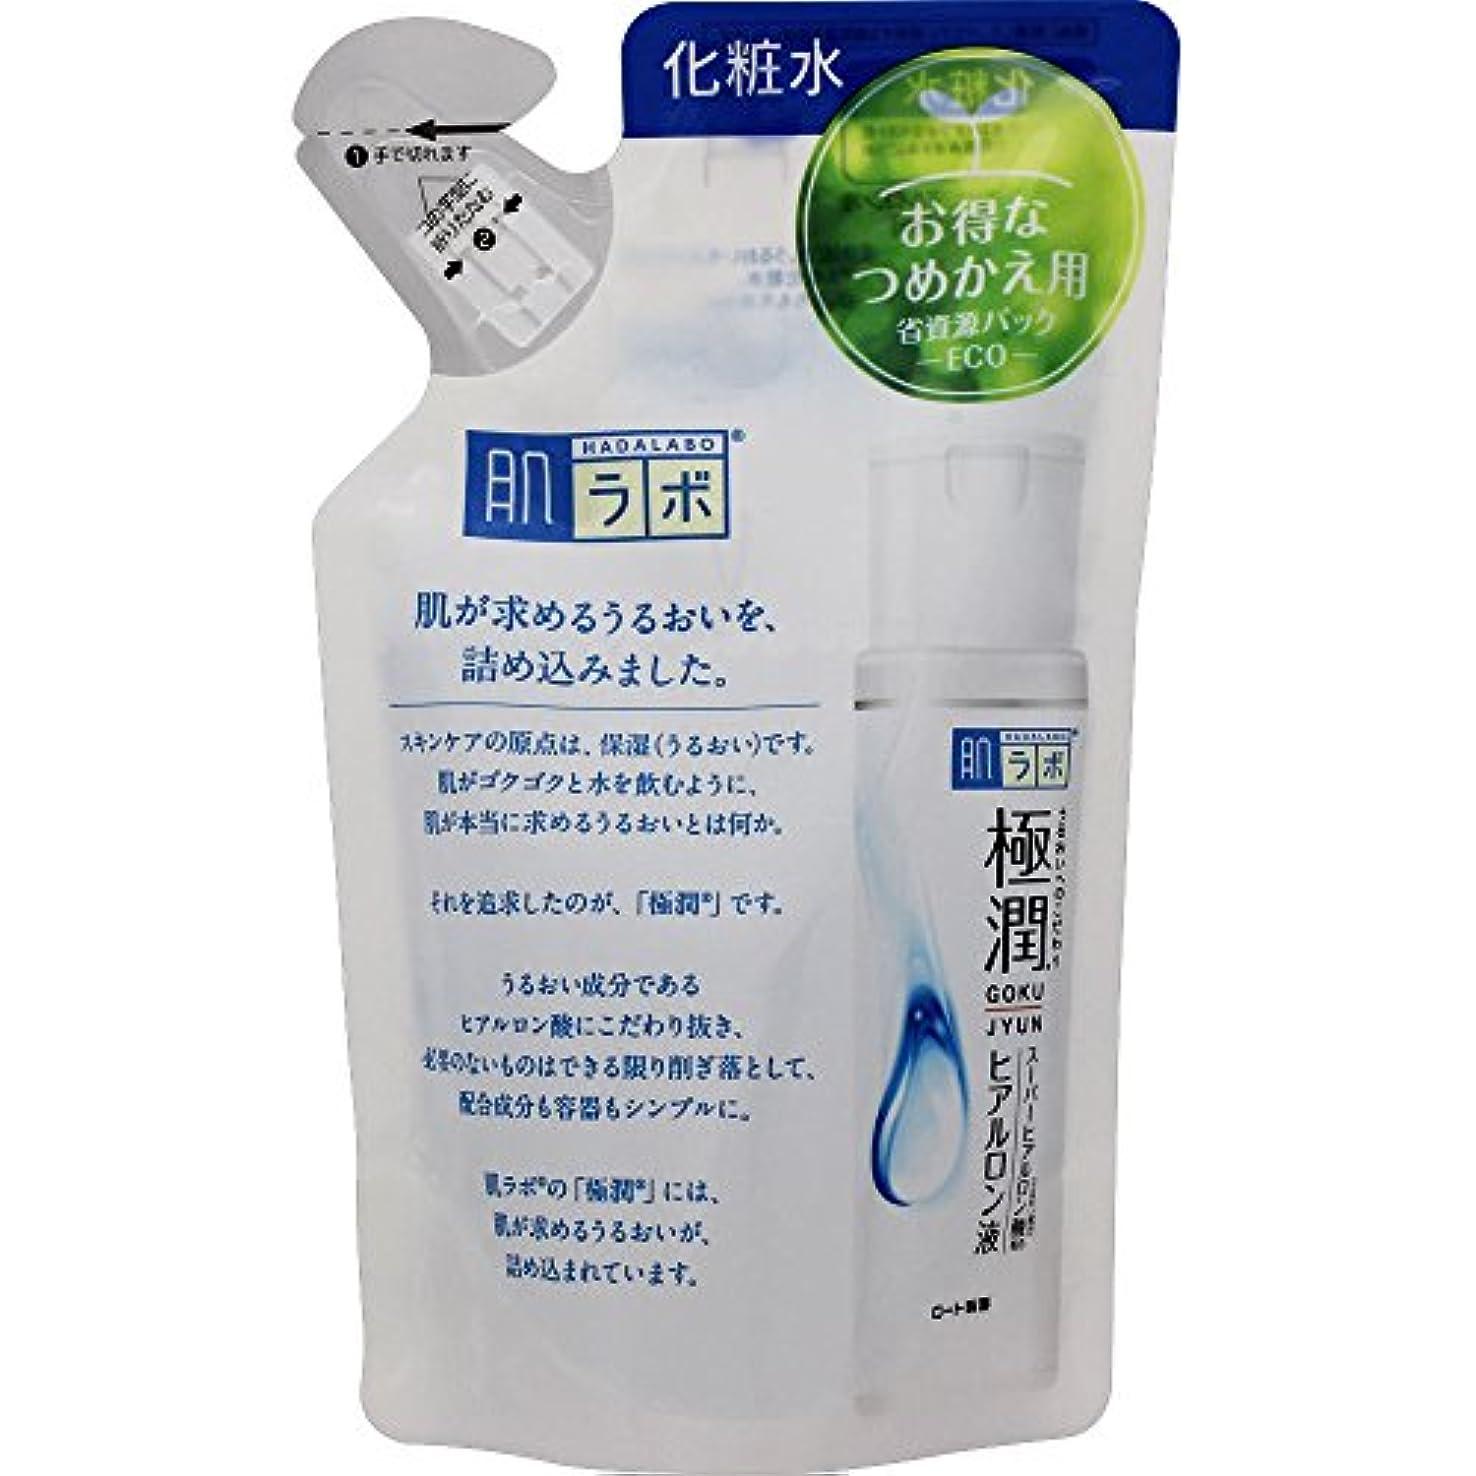 ケント反応するスリチンモイ肌ラボ 極潤 ヒアルロン酸 化粧水 ヒアルロン酸3種配合 詰替用 170ml